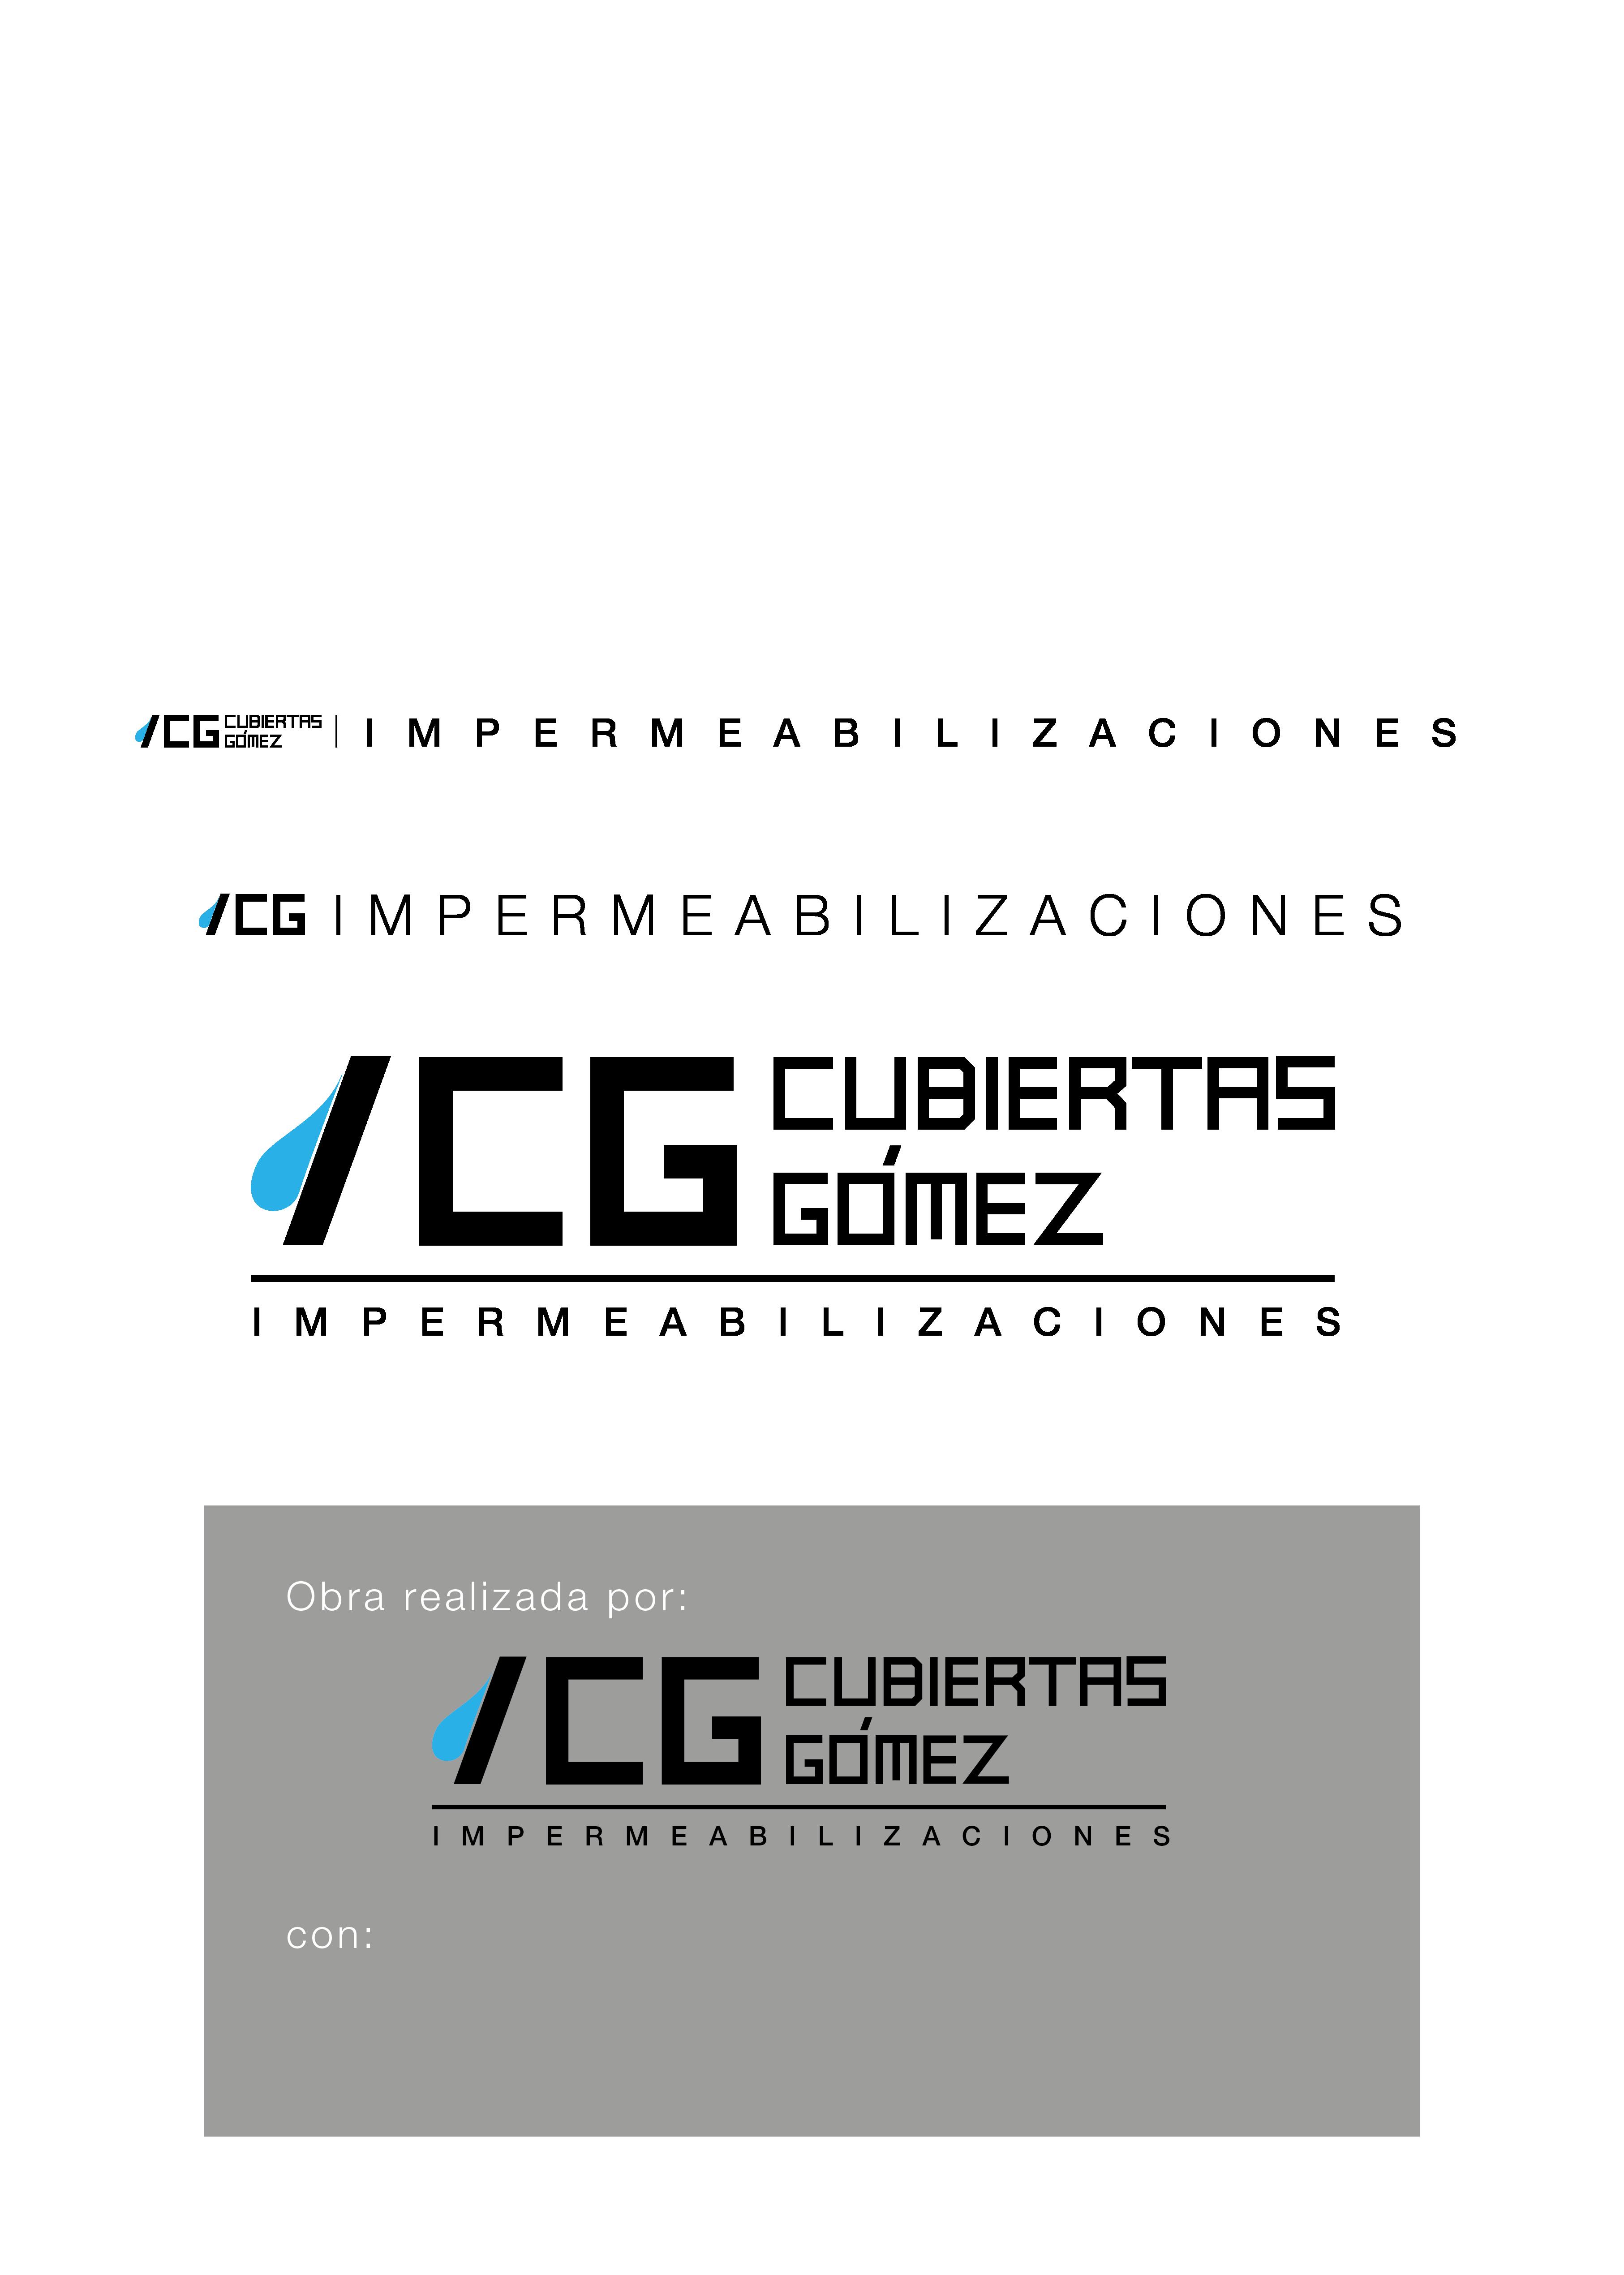 Identidad Cubiertas Gómez